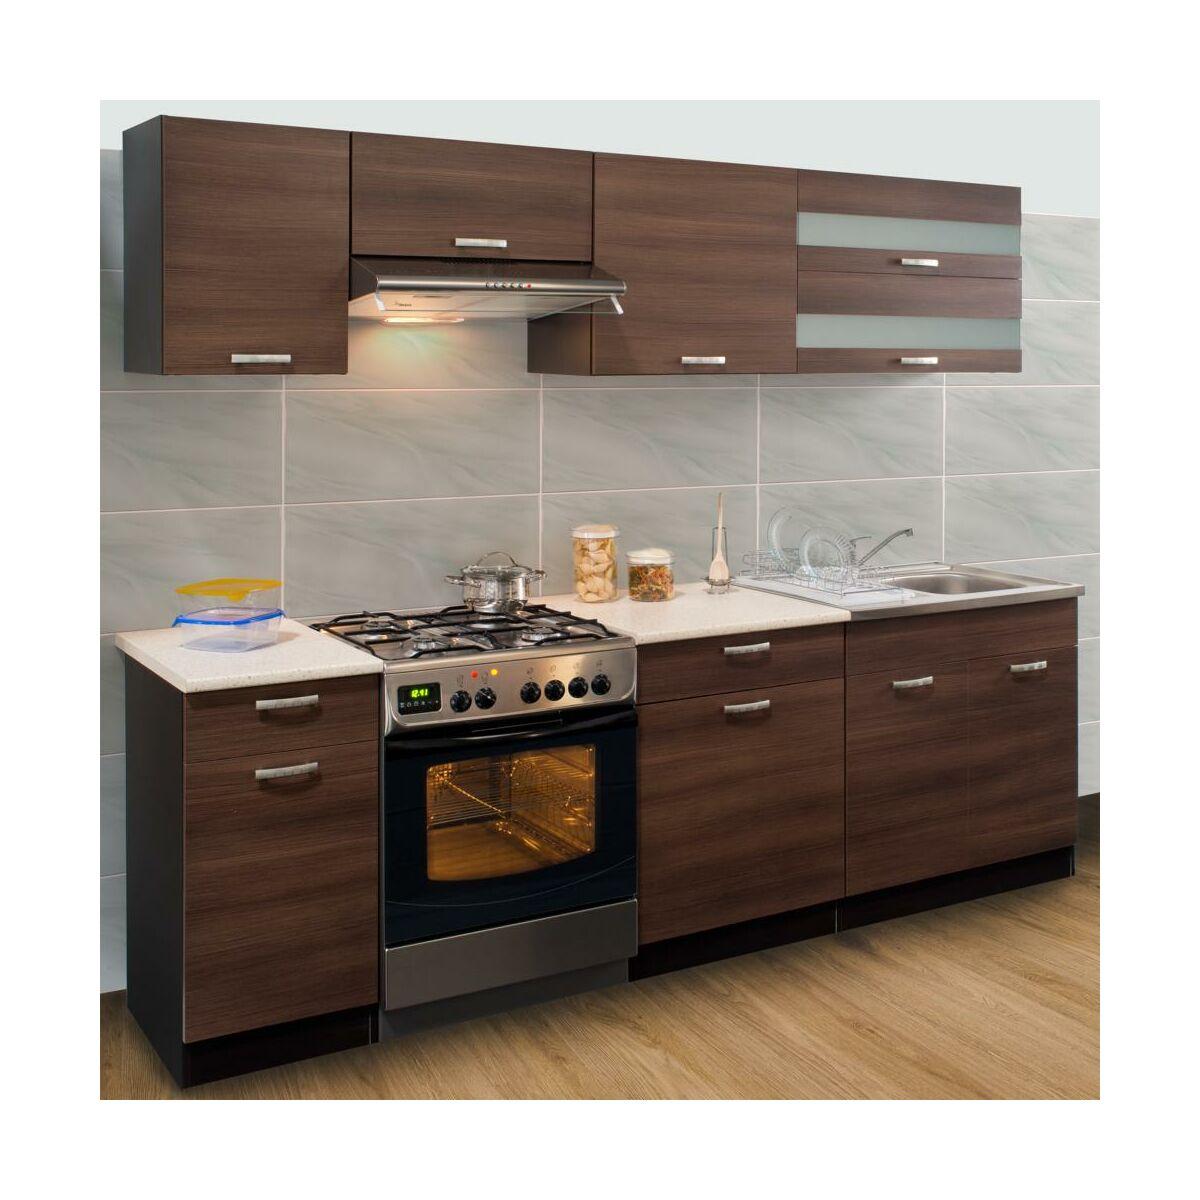 meble kuchenne w zestawach zestawy i elementy mebli w